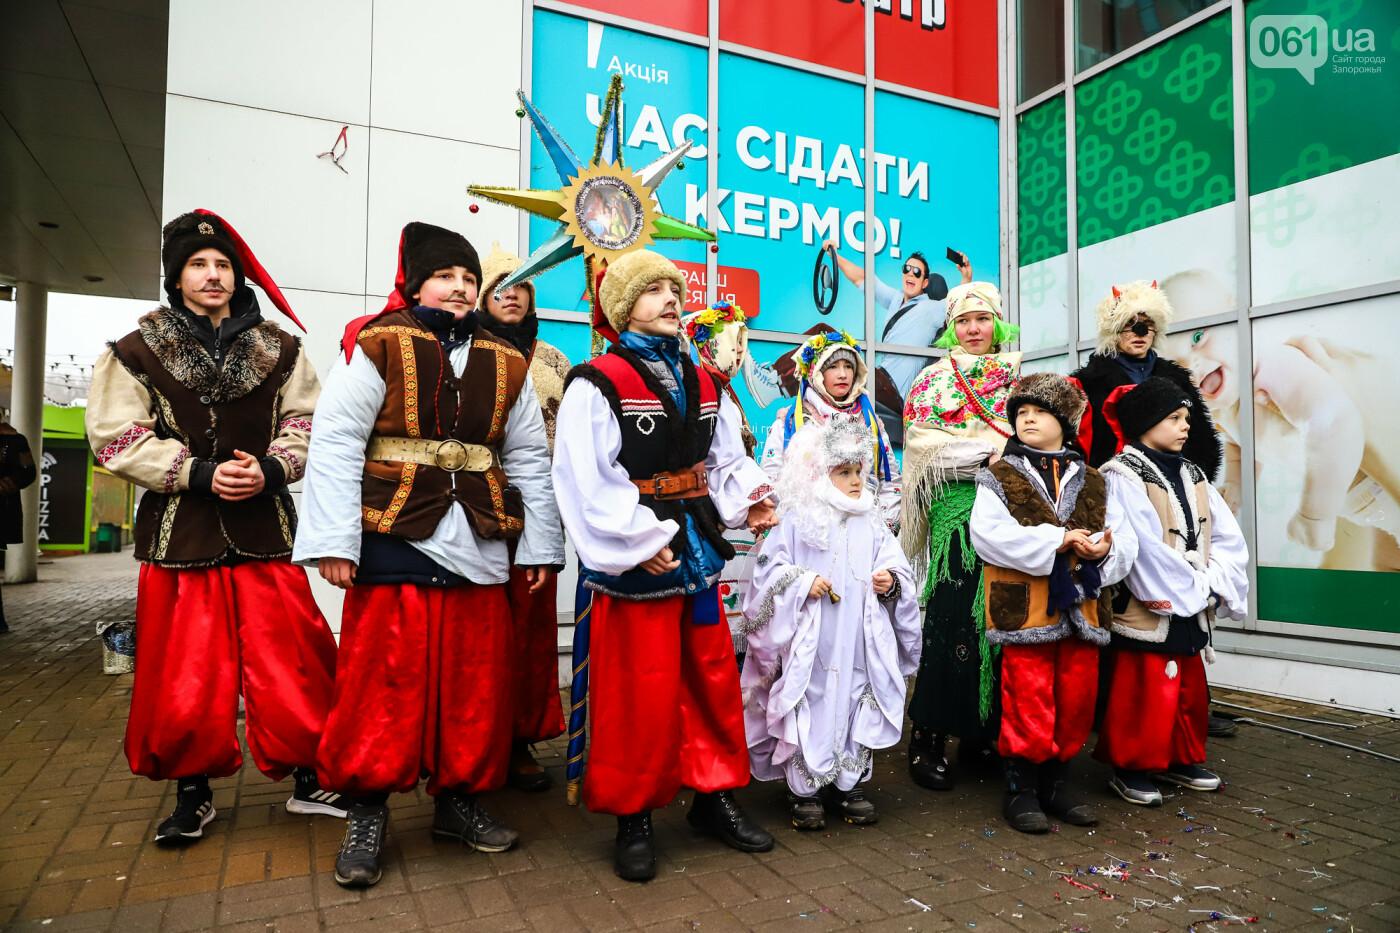 Нечистая сила против казаков: на улицах Запорожья показывали Рождественский вертеп, - ФОТО, ВИДЕО  , фото-23